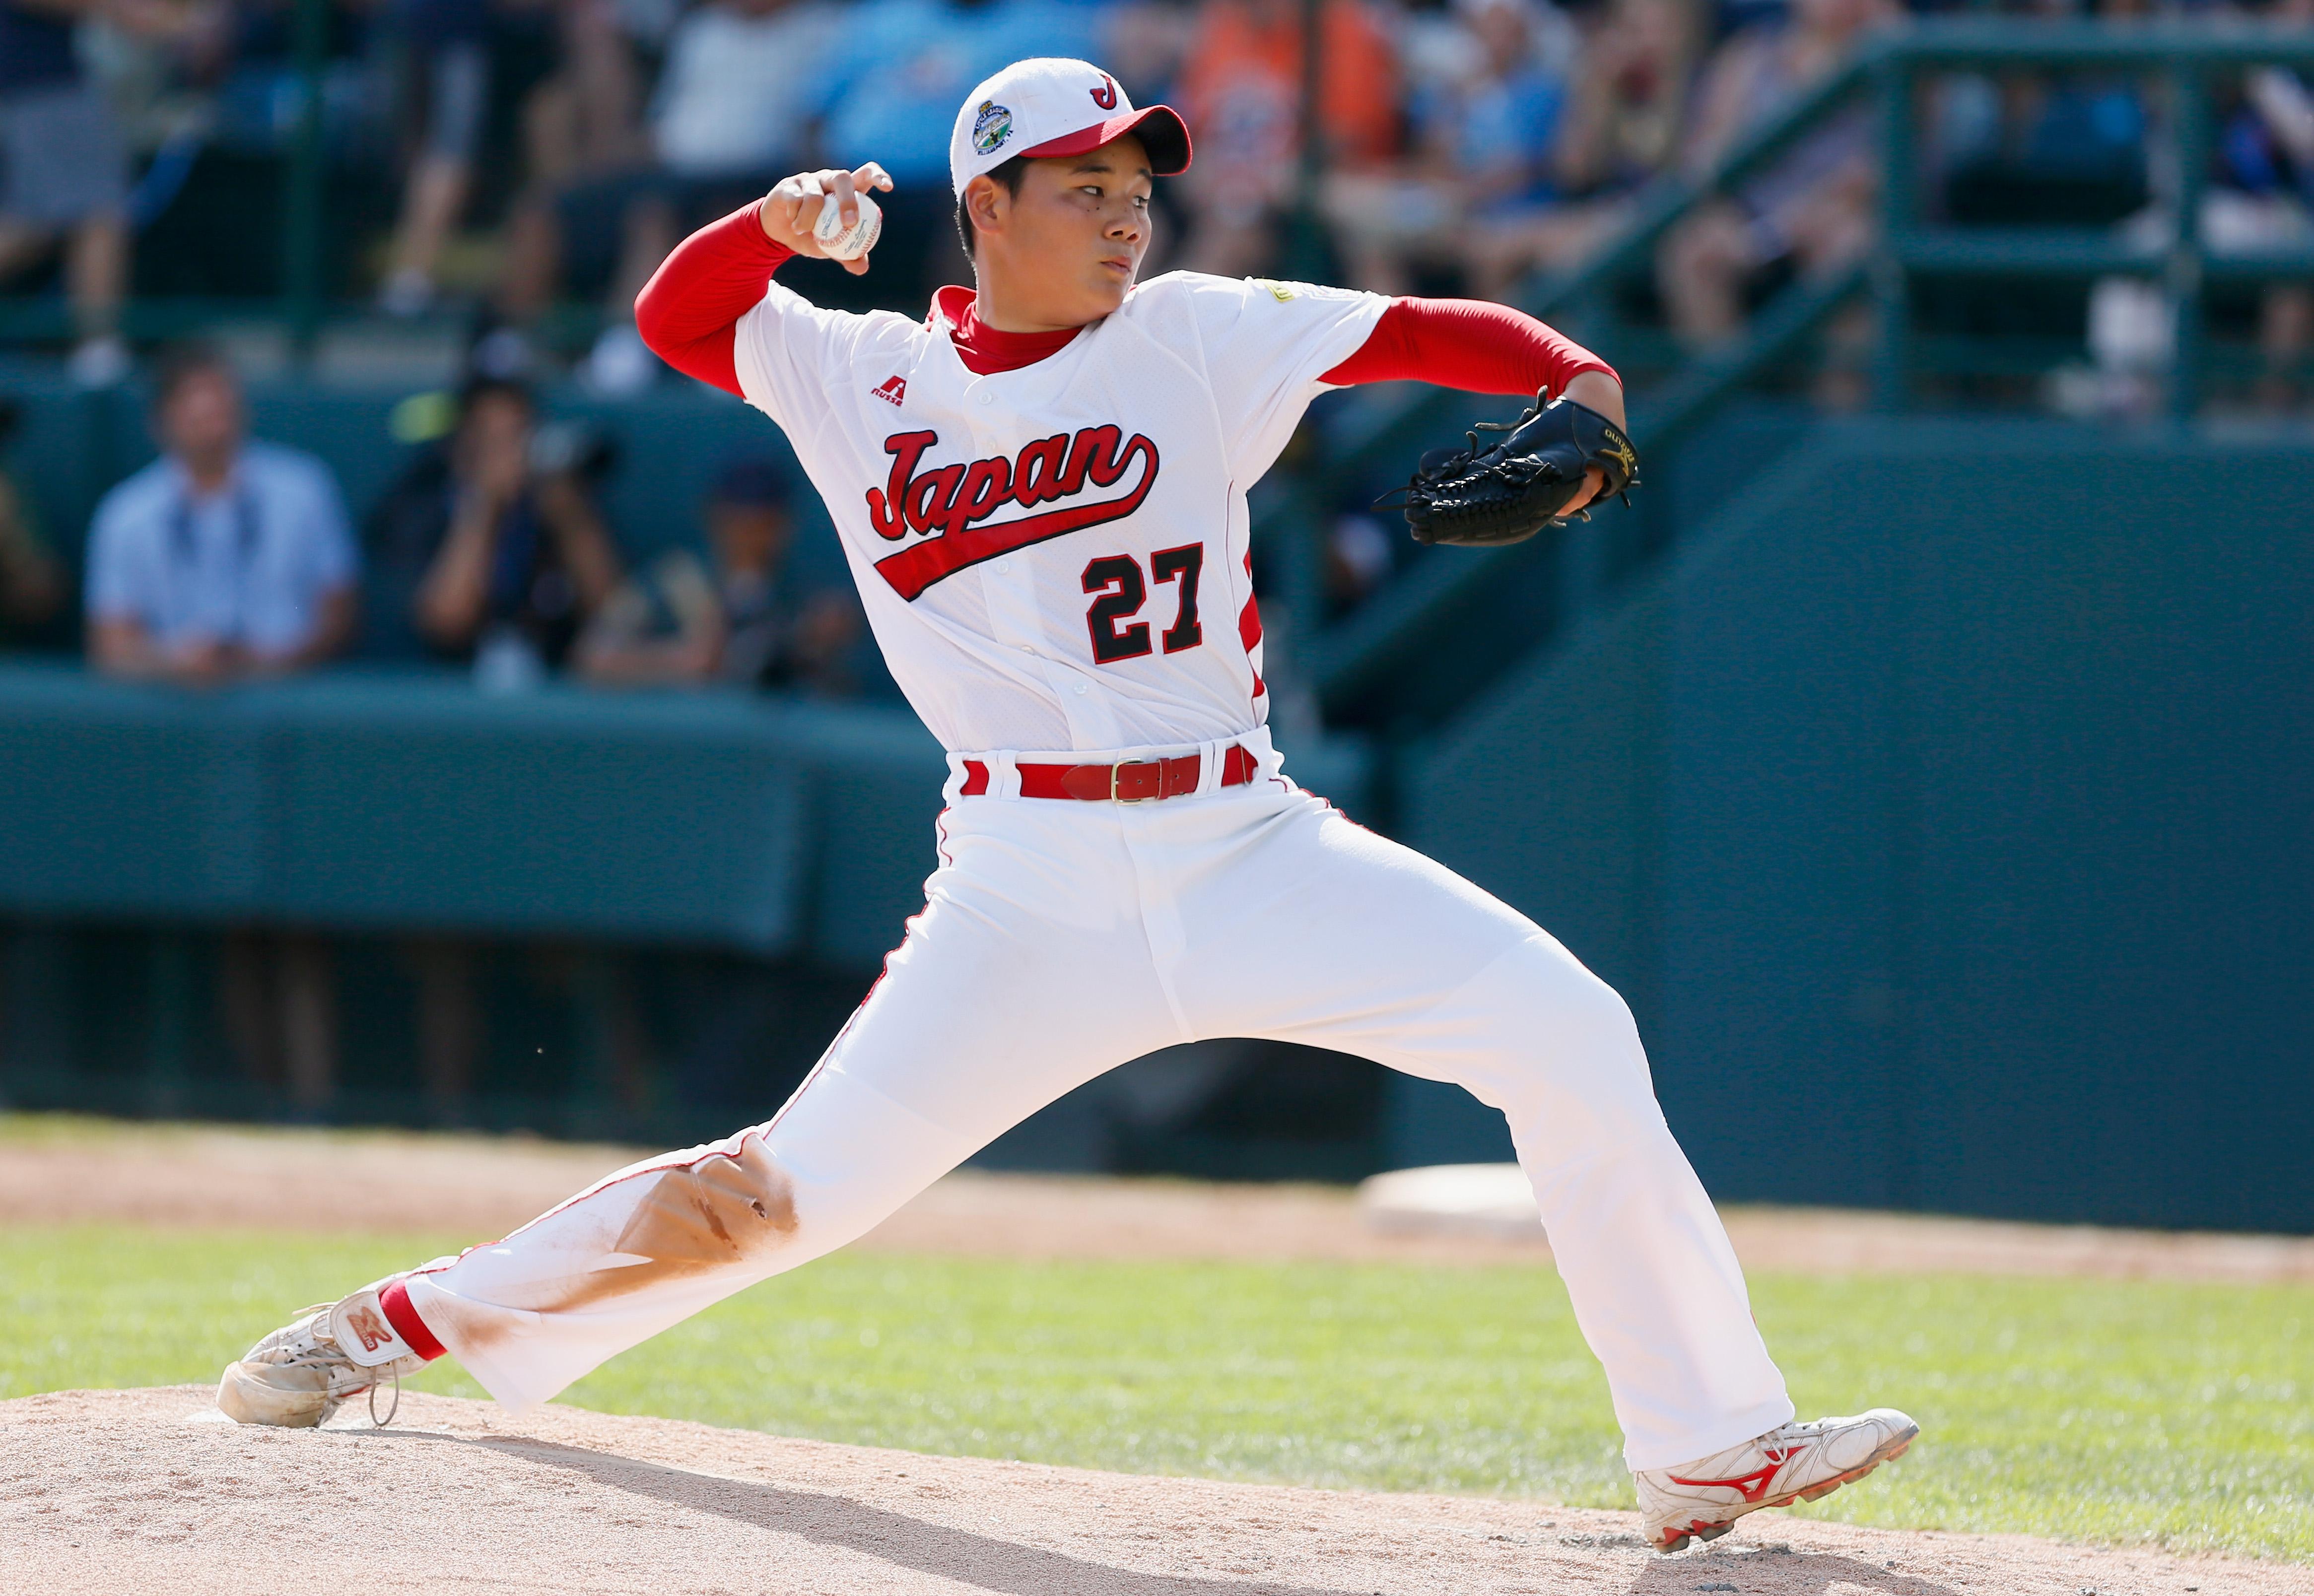 早実(西東京)清宮幸太郎内野手が28日、高校通算最多本塁打とされる107本に並んだ。(Rob Carr/Getty Image)